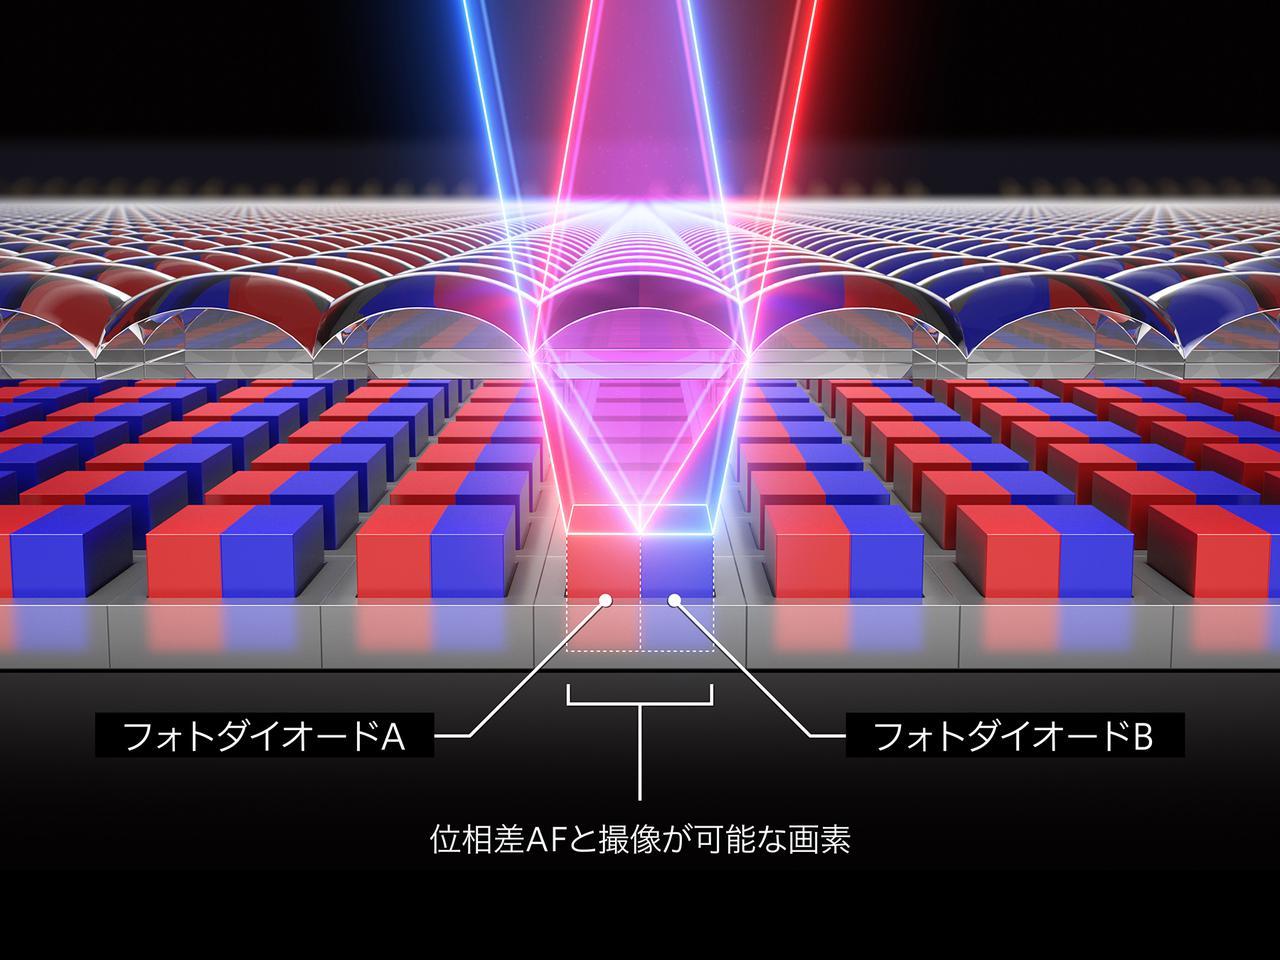 画像: ライブビュー撮影時に像面位相差AFを可能にする、デュアルピクセルCMOS AF